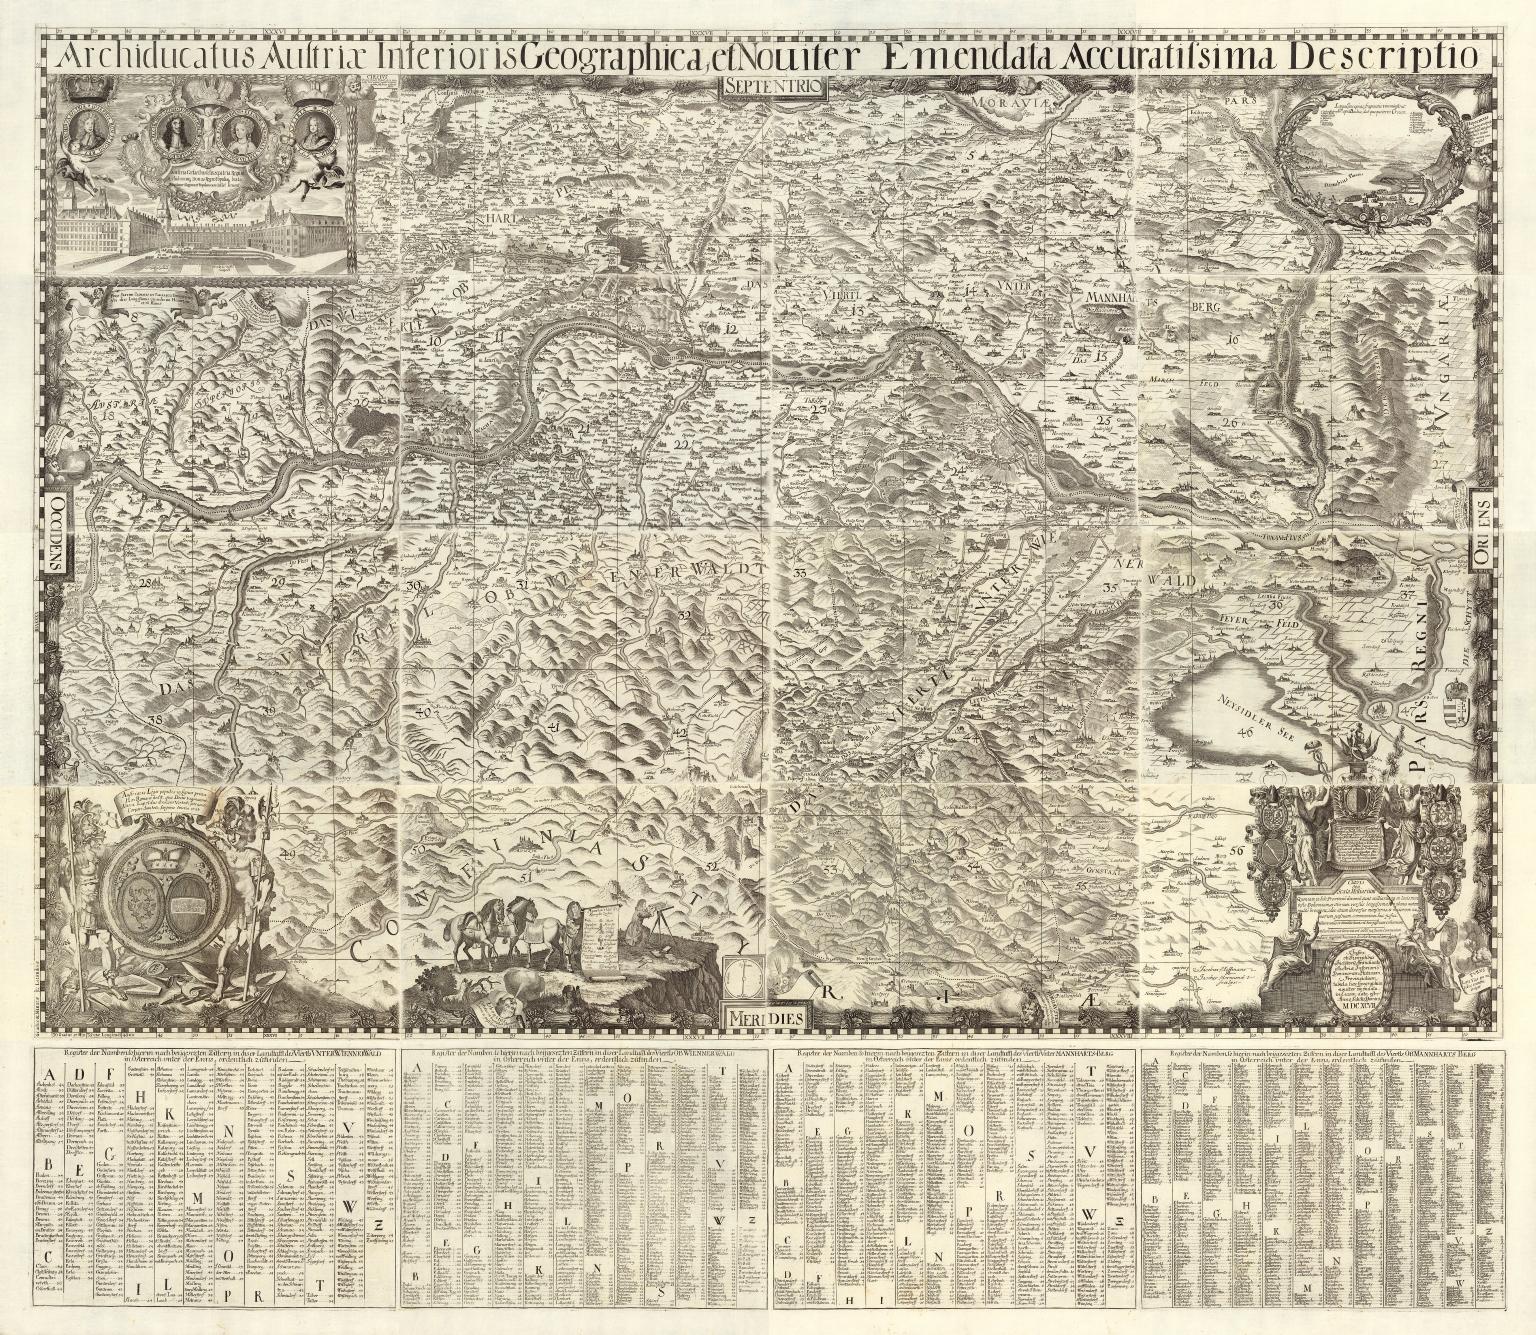 Composite map: Sheets 1-20. Archiducatus Austriae inferioris